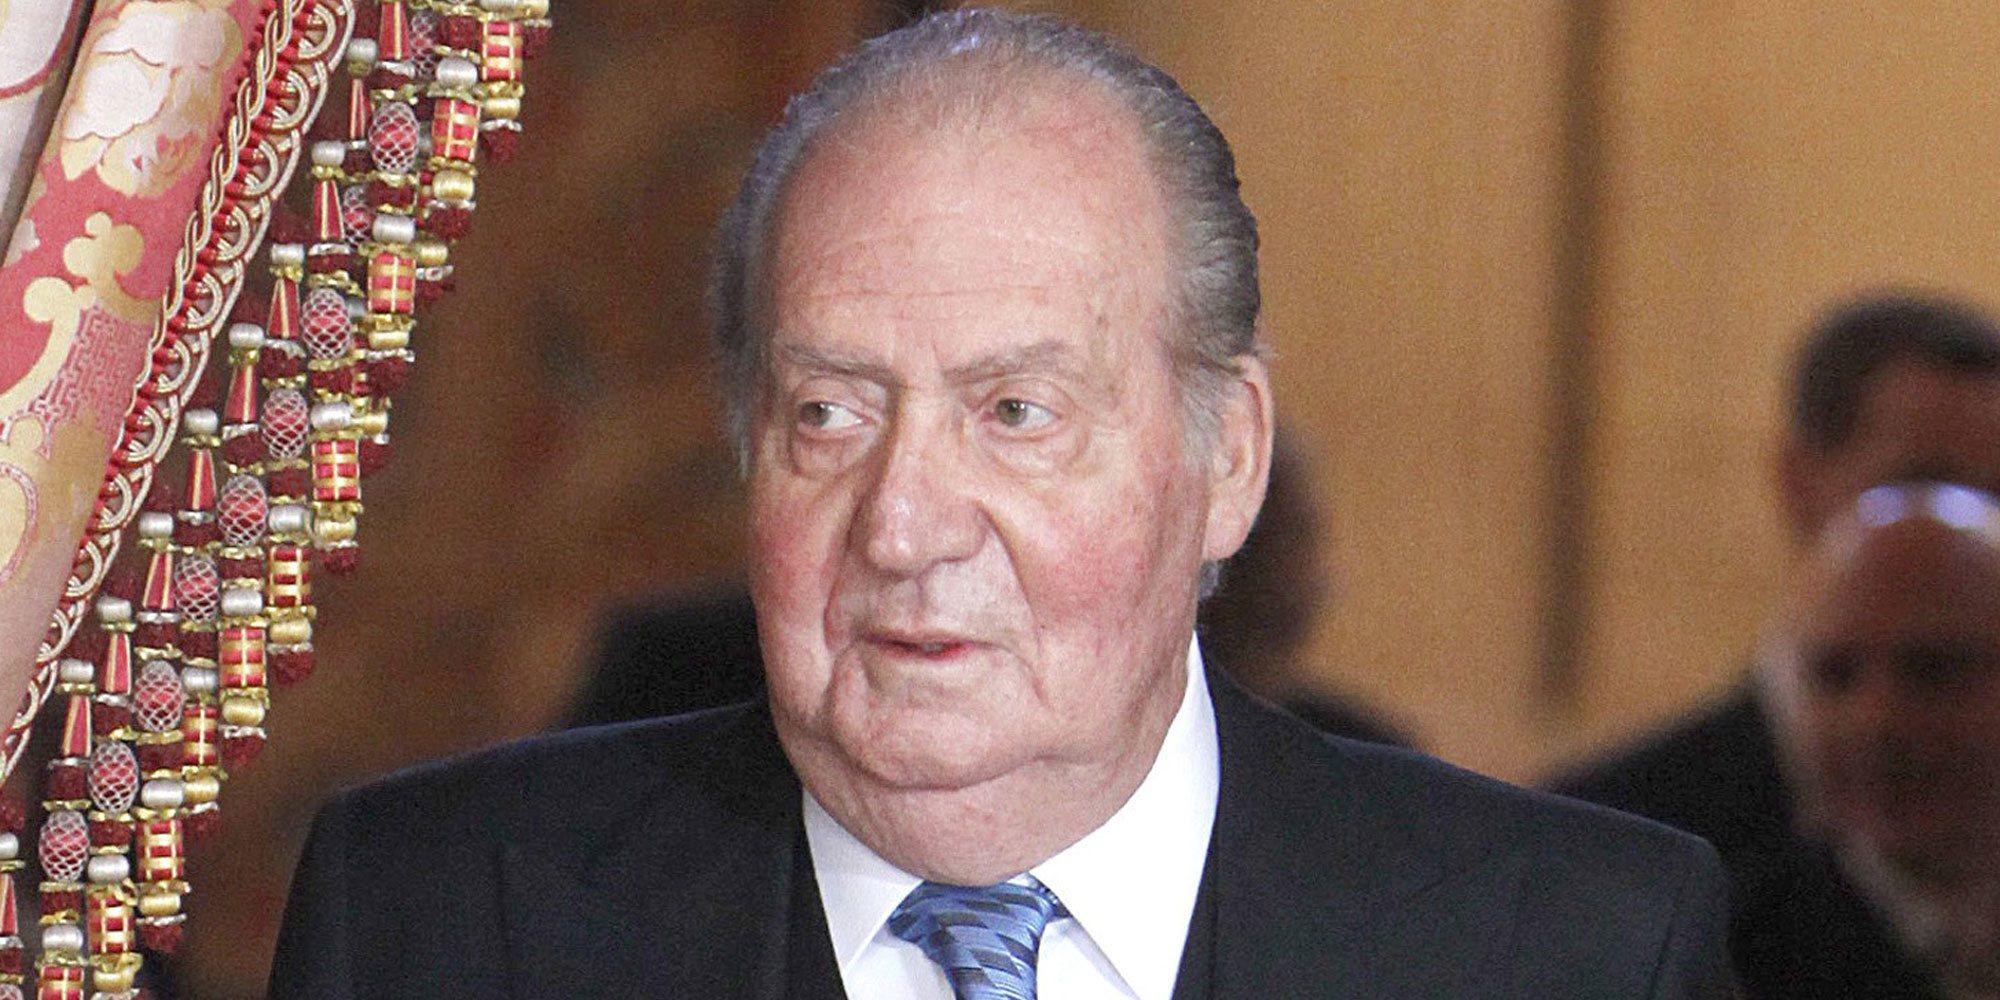 El exilio del Rey Juan Carlos: se instala en República Dominicana tras pasar por Portugal